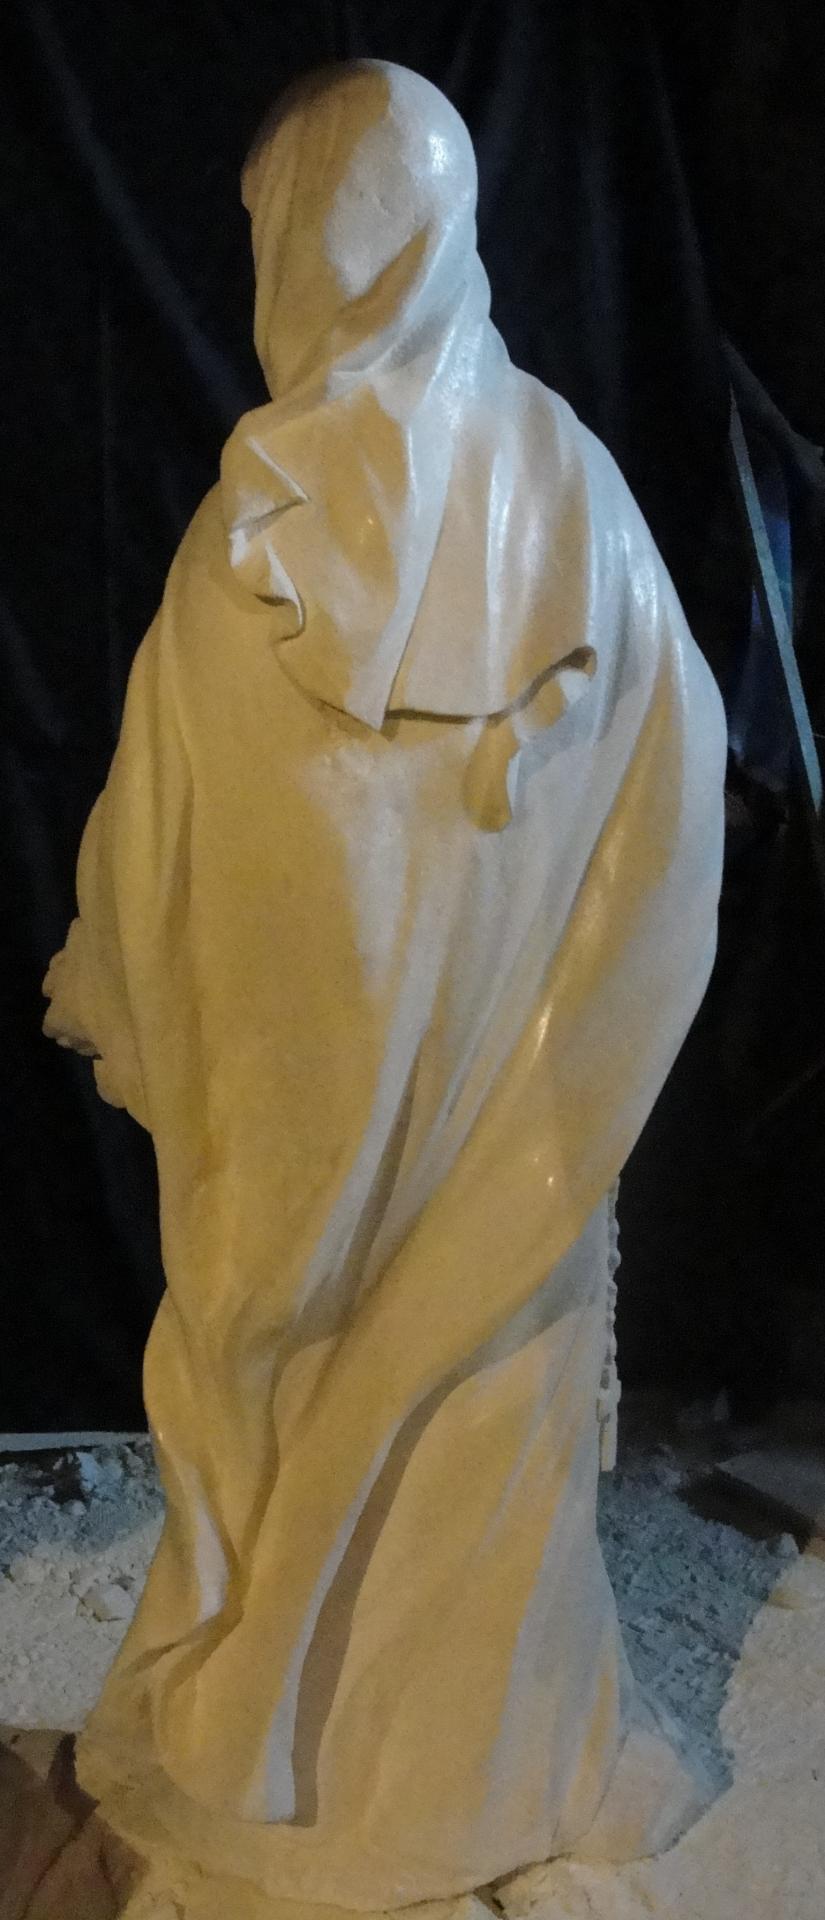 Sculpture sur pierre, statue de Ste Thérèse en ronde bosse, 4